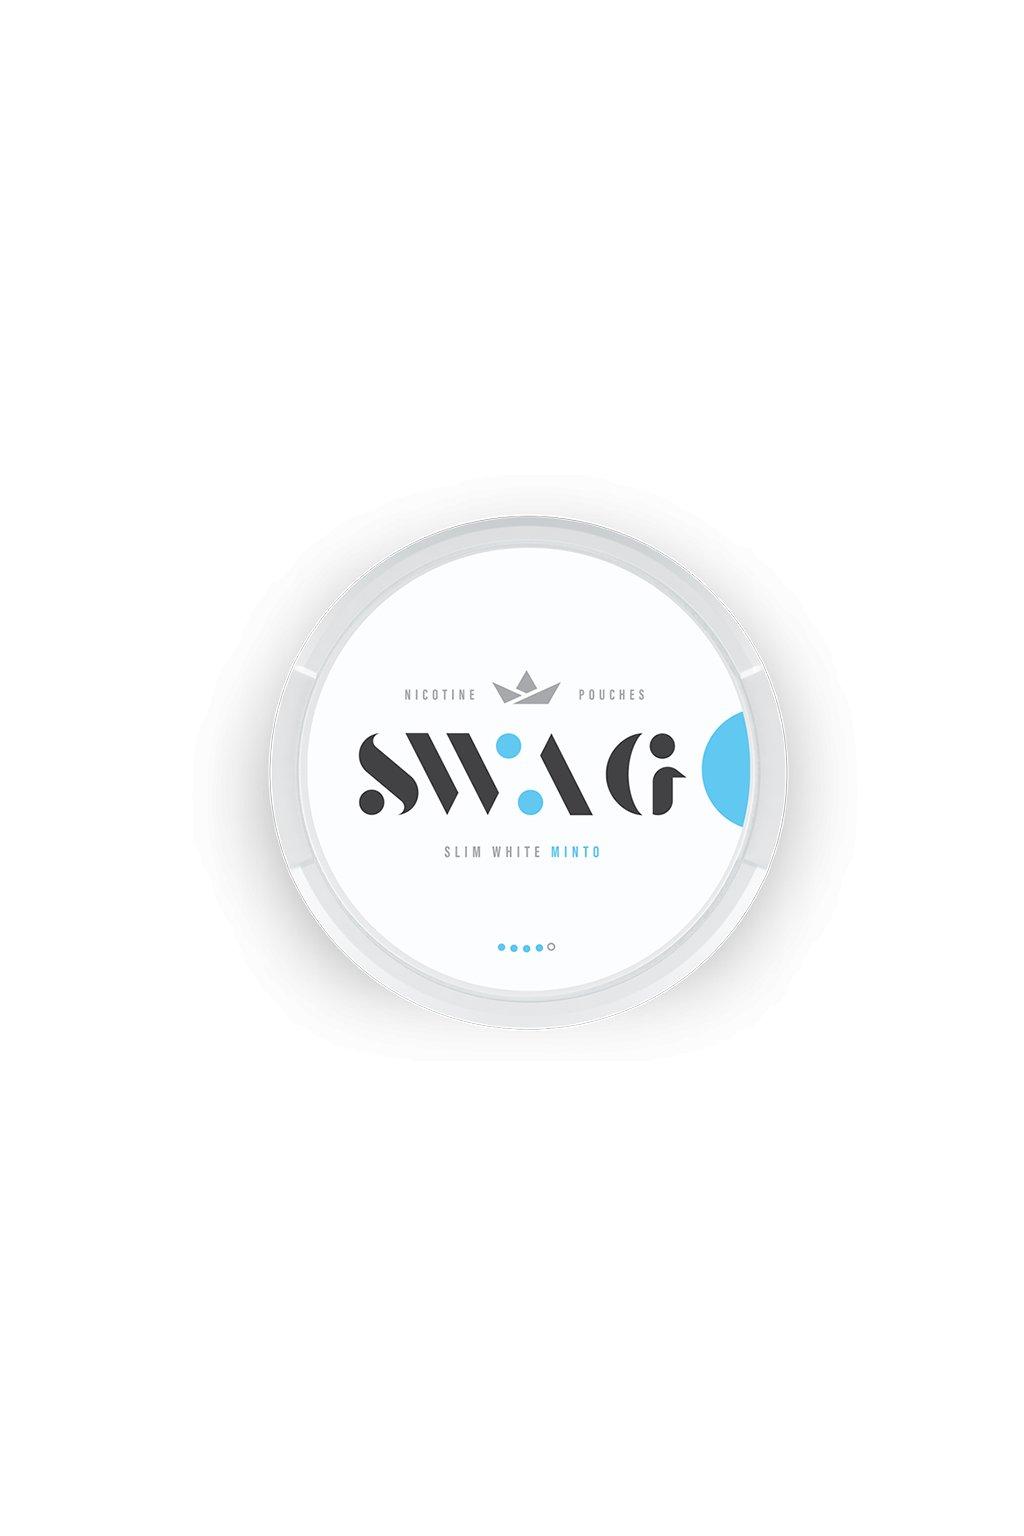 SWAG Minto nikotinove sacky